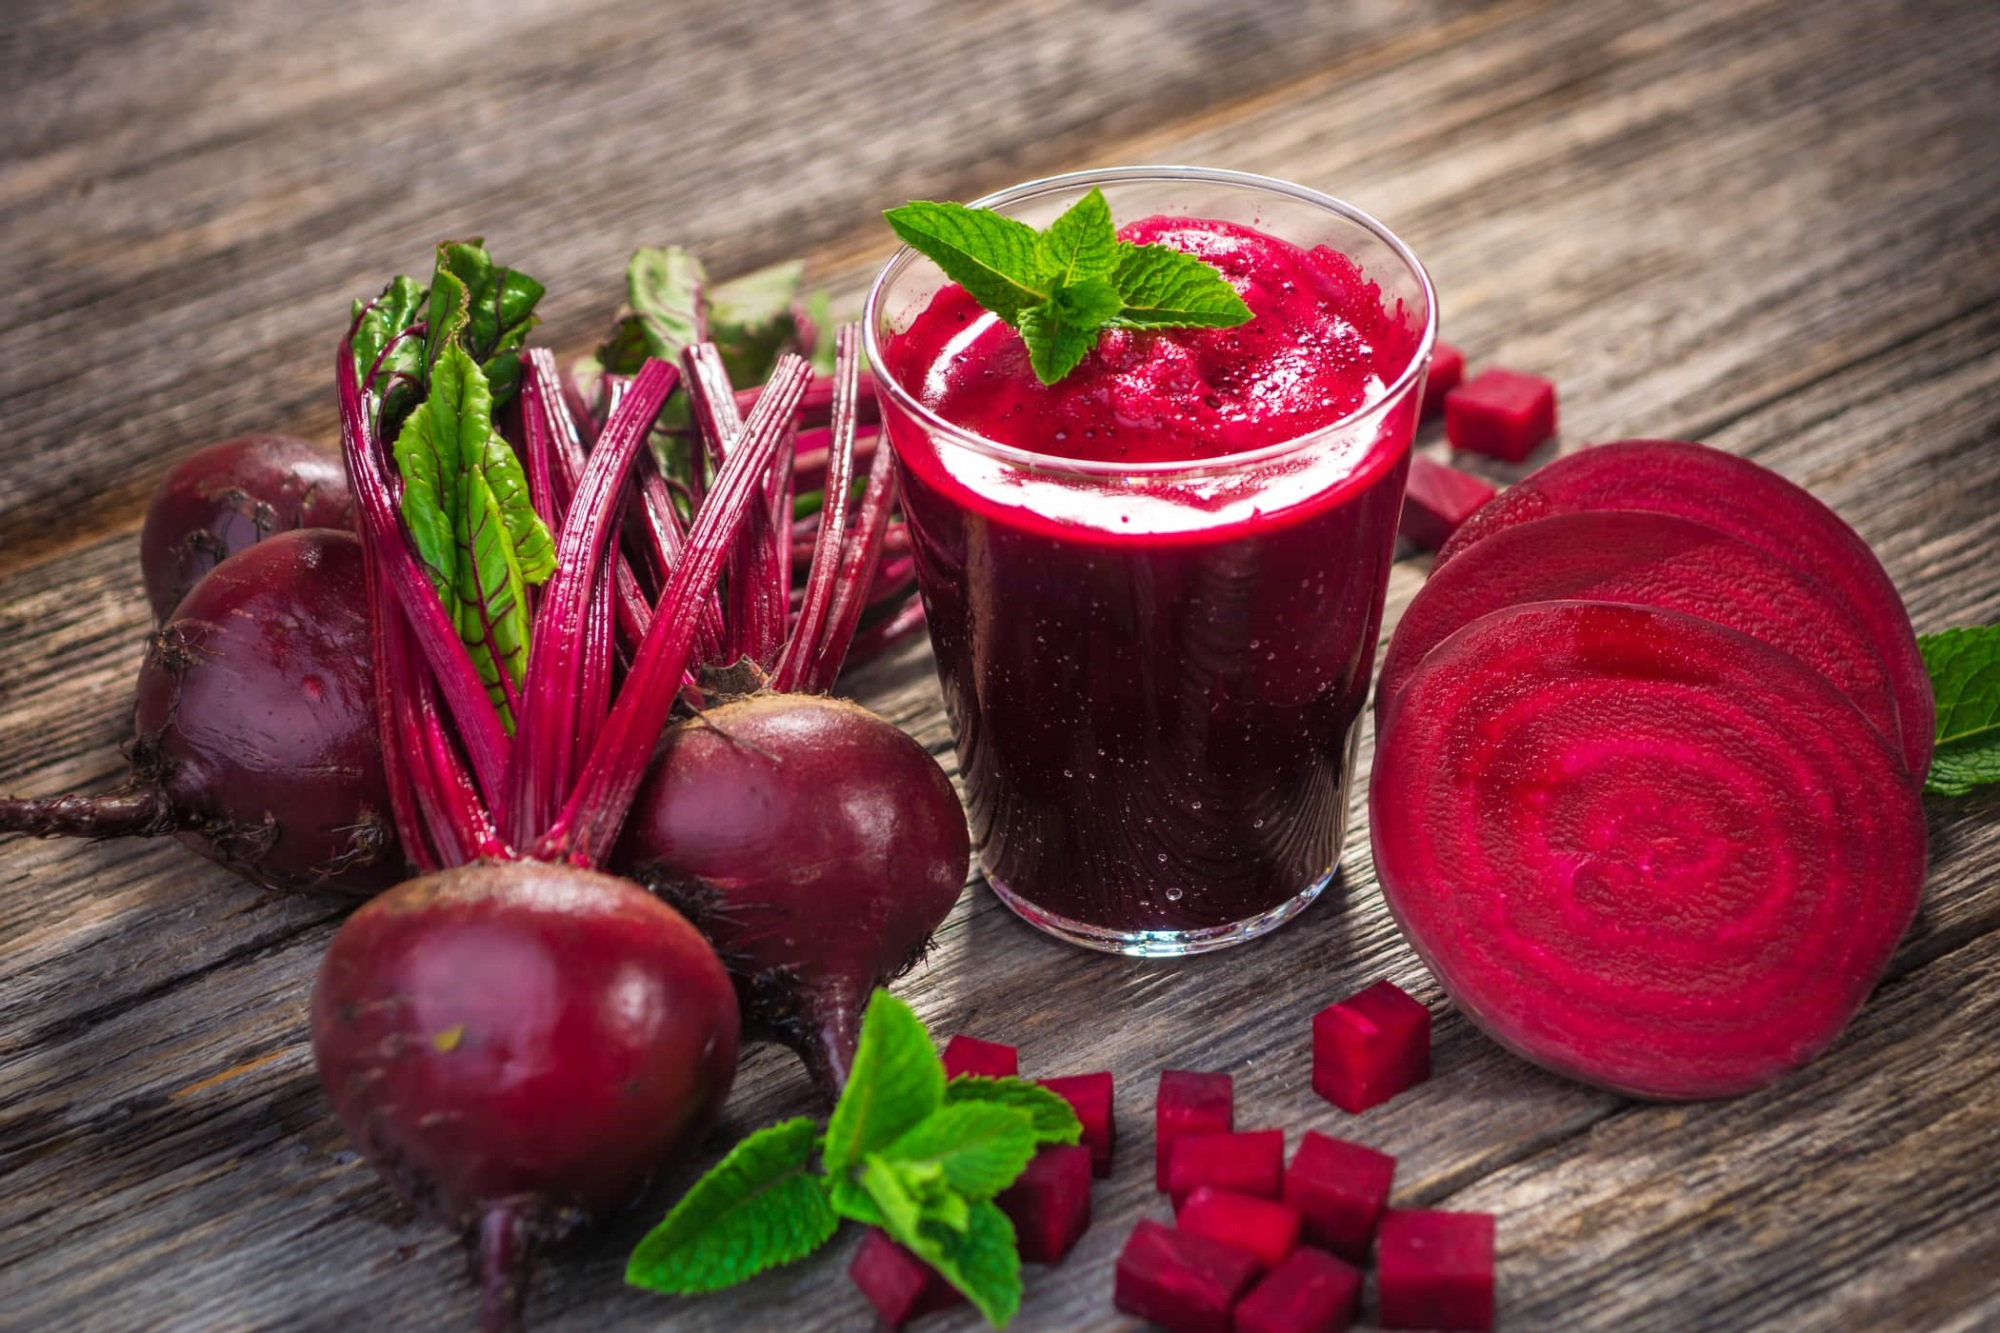 Điểm danh 5 thực phẩm người bị cao huyết áp nên tích cực ăn sau Tết - Ảnh 5